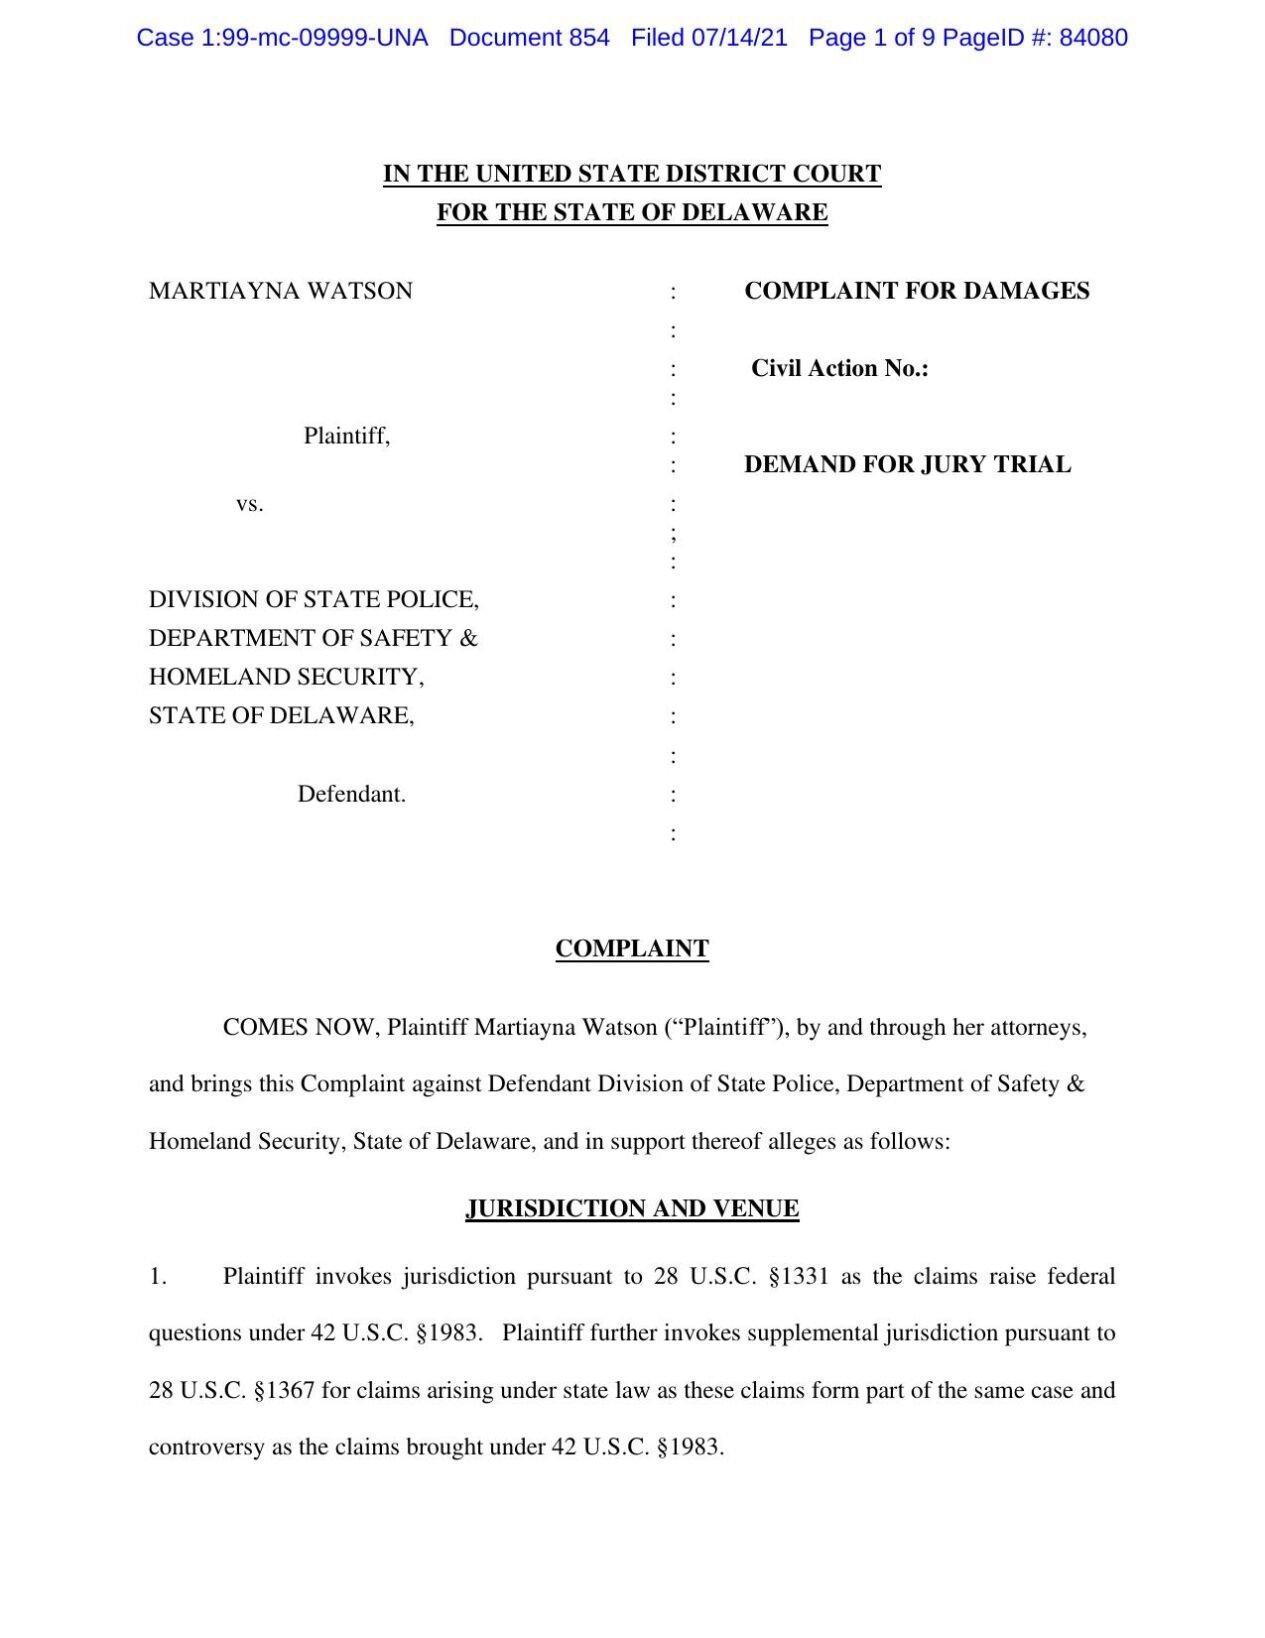 Watson v. Delaware lawsuit